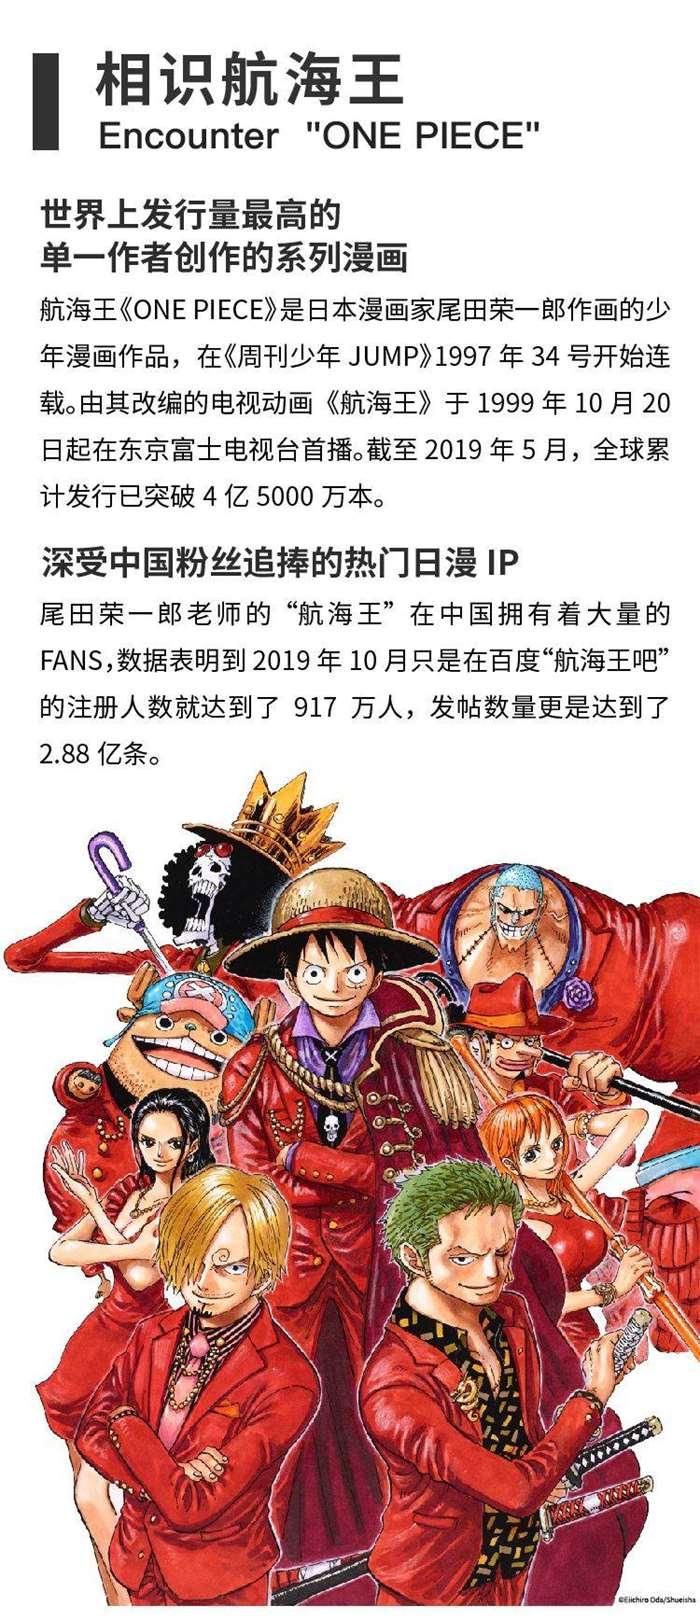 长沙详情页分开版_-02.jpg